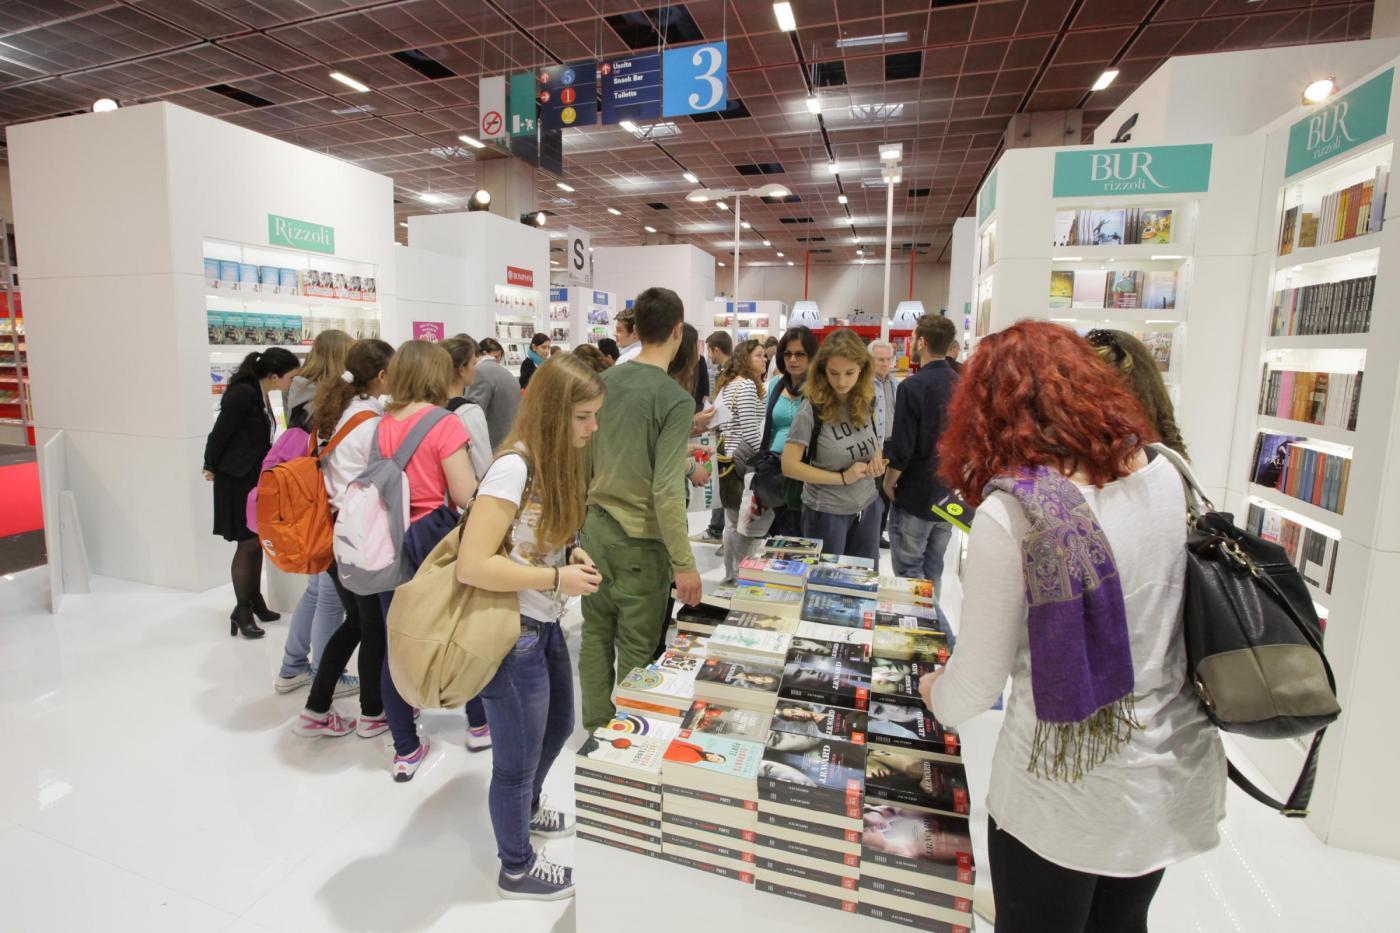 Torino, Inaugurazione del XXVII Salone internazionale del Libro